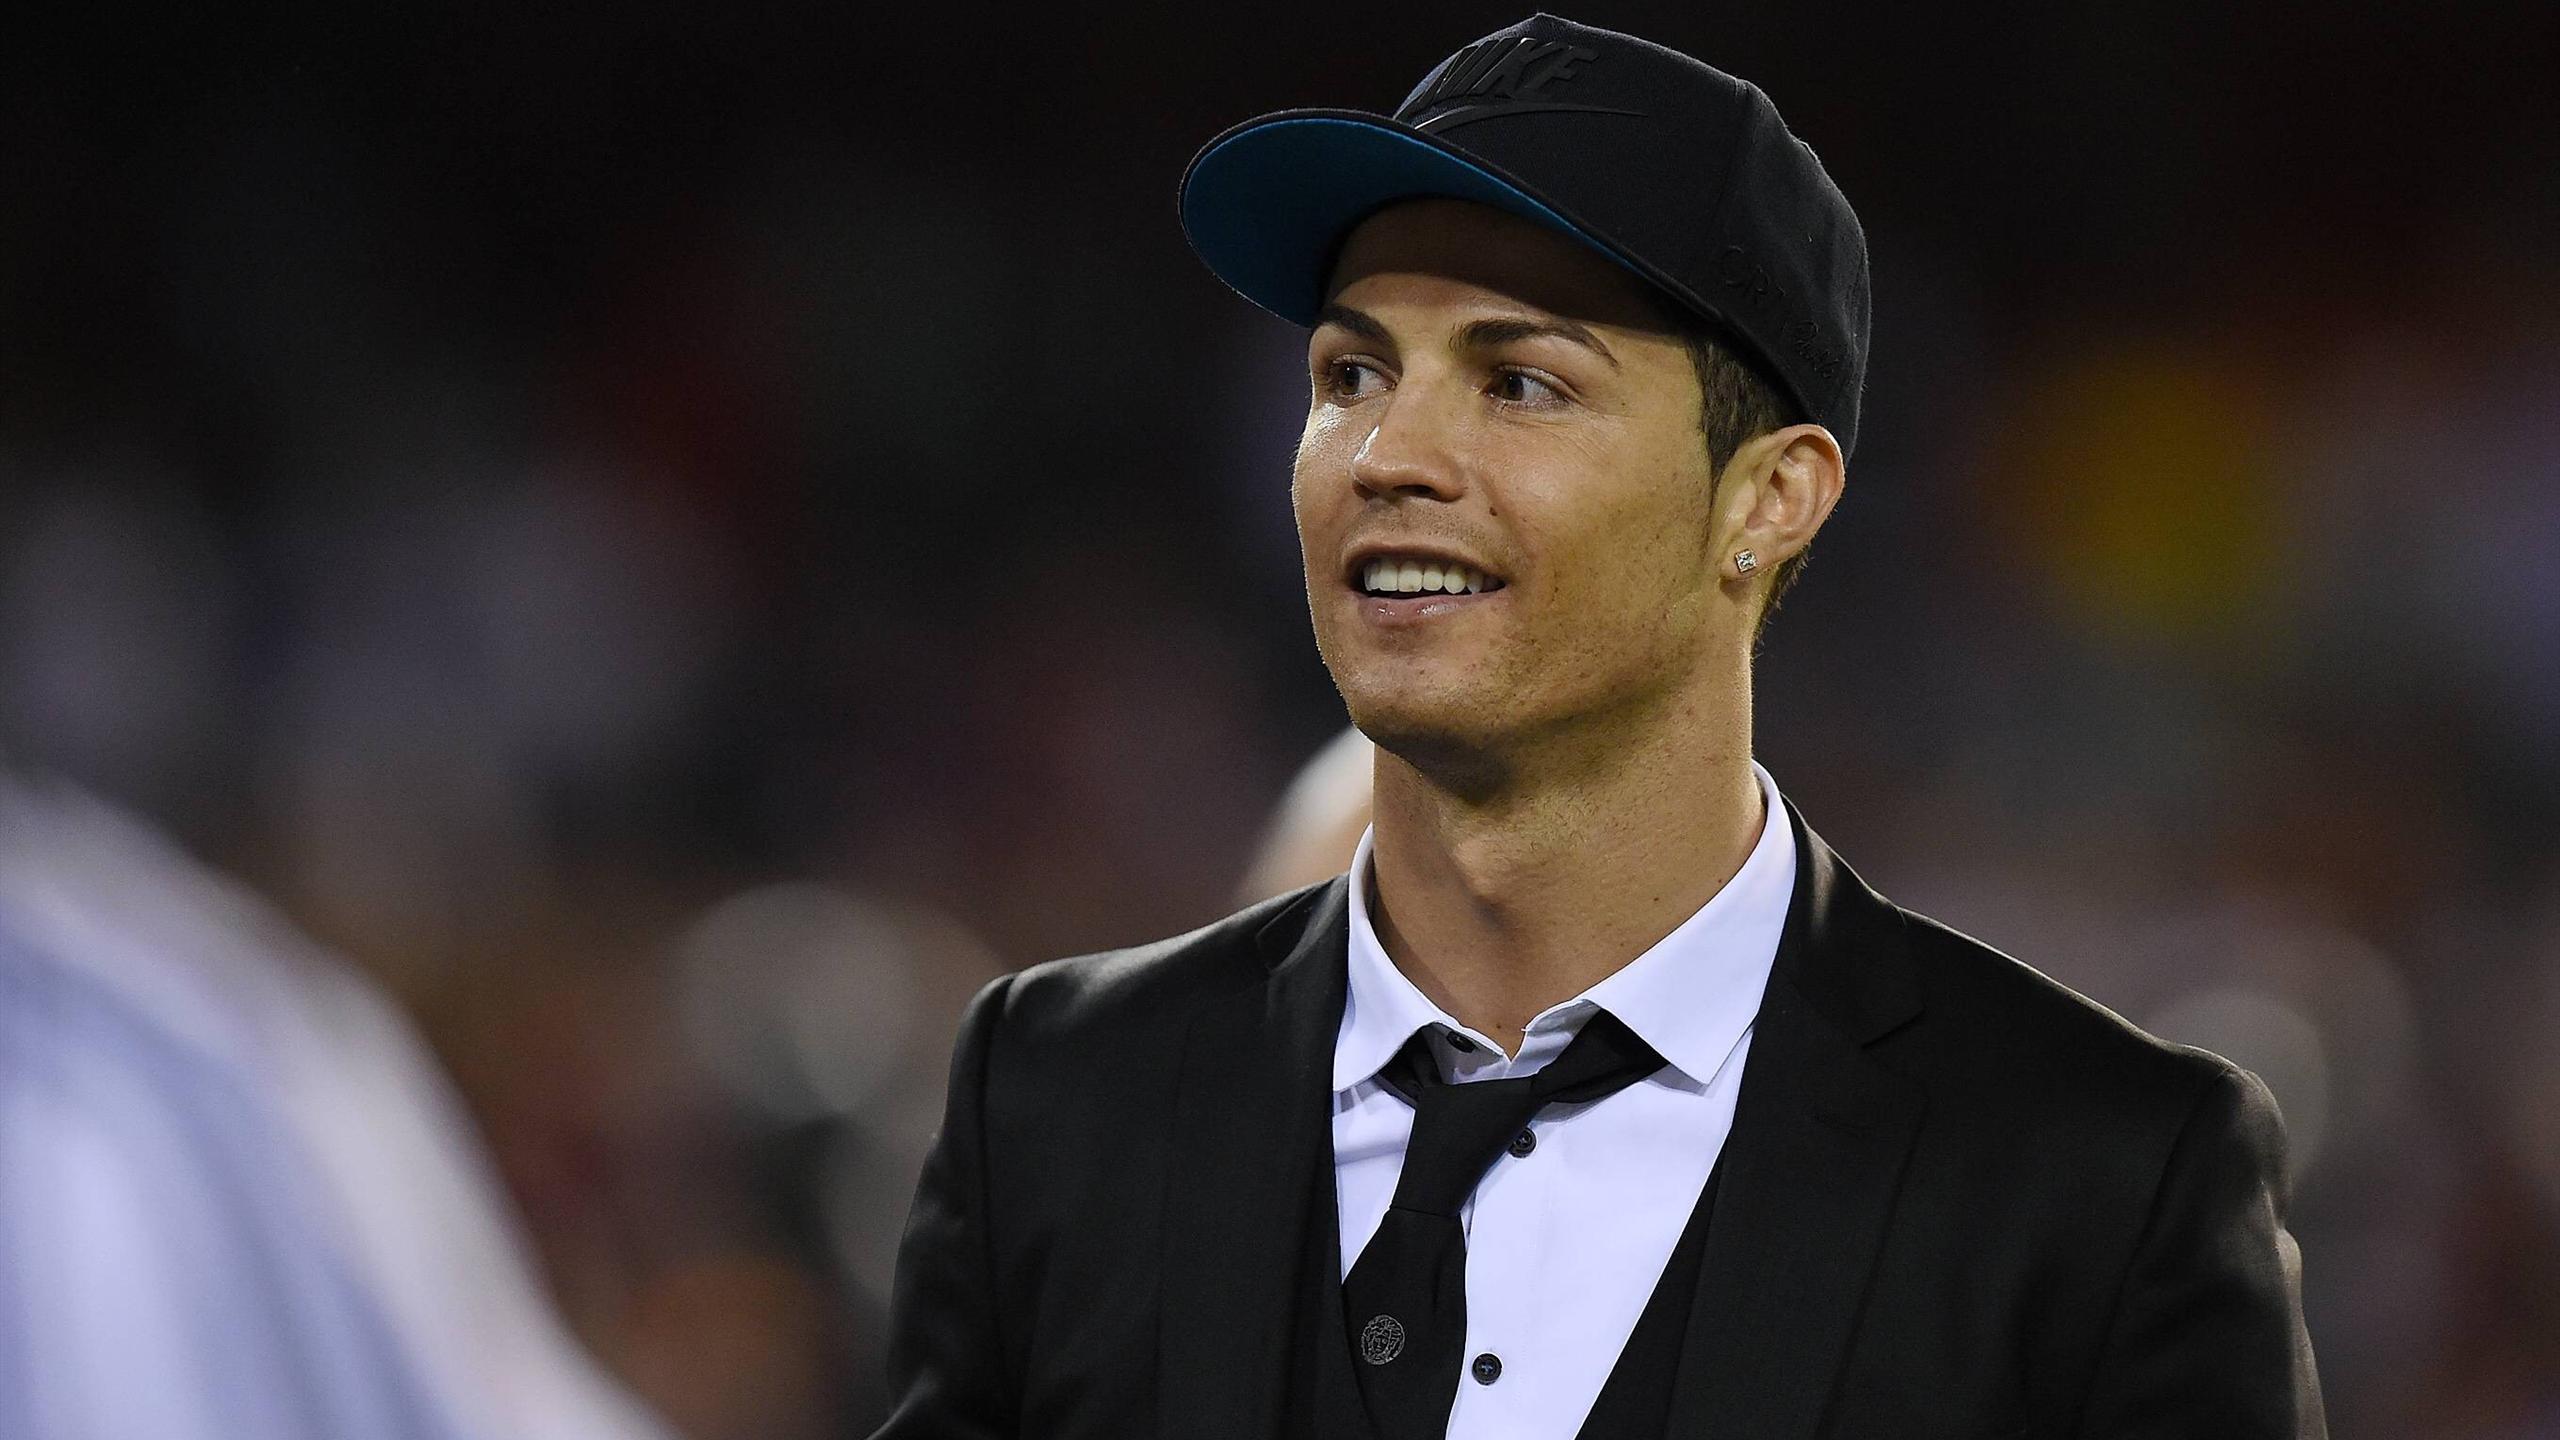 Bale Real Des Ligue Ronaldo S'entraîne Normalement Grippé Madrid qqHZIwP